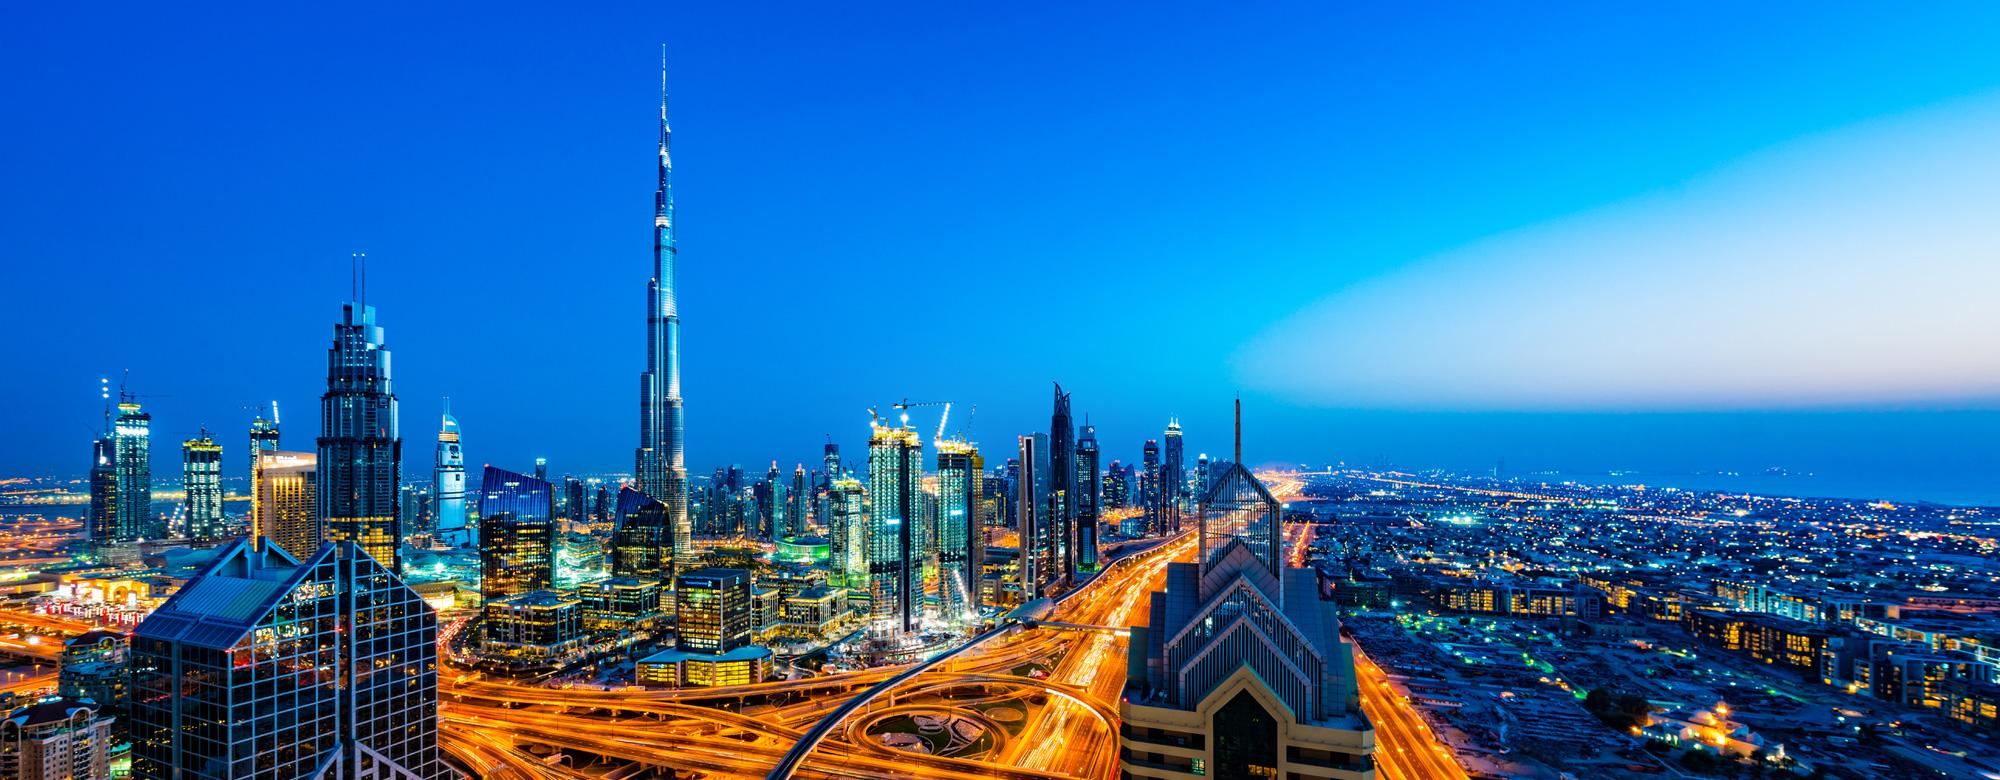 Miglior sito di incontri online a Dubai